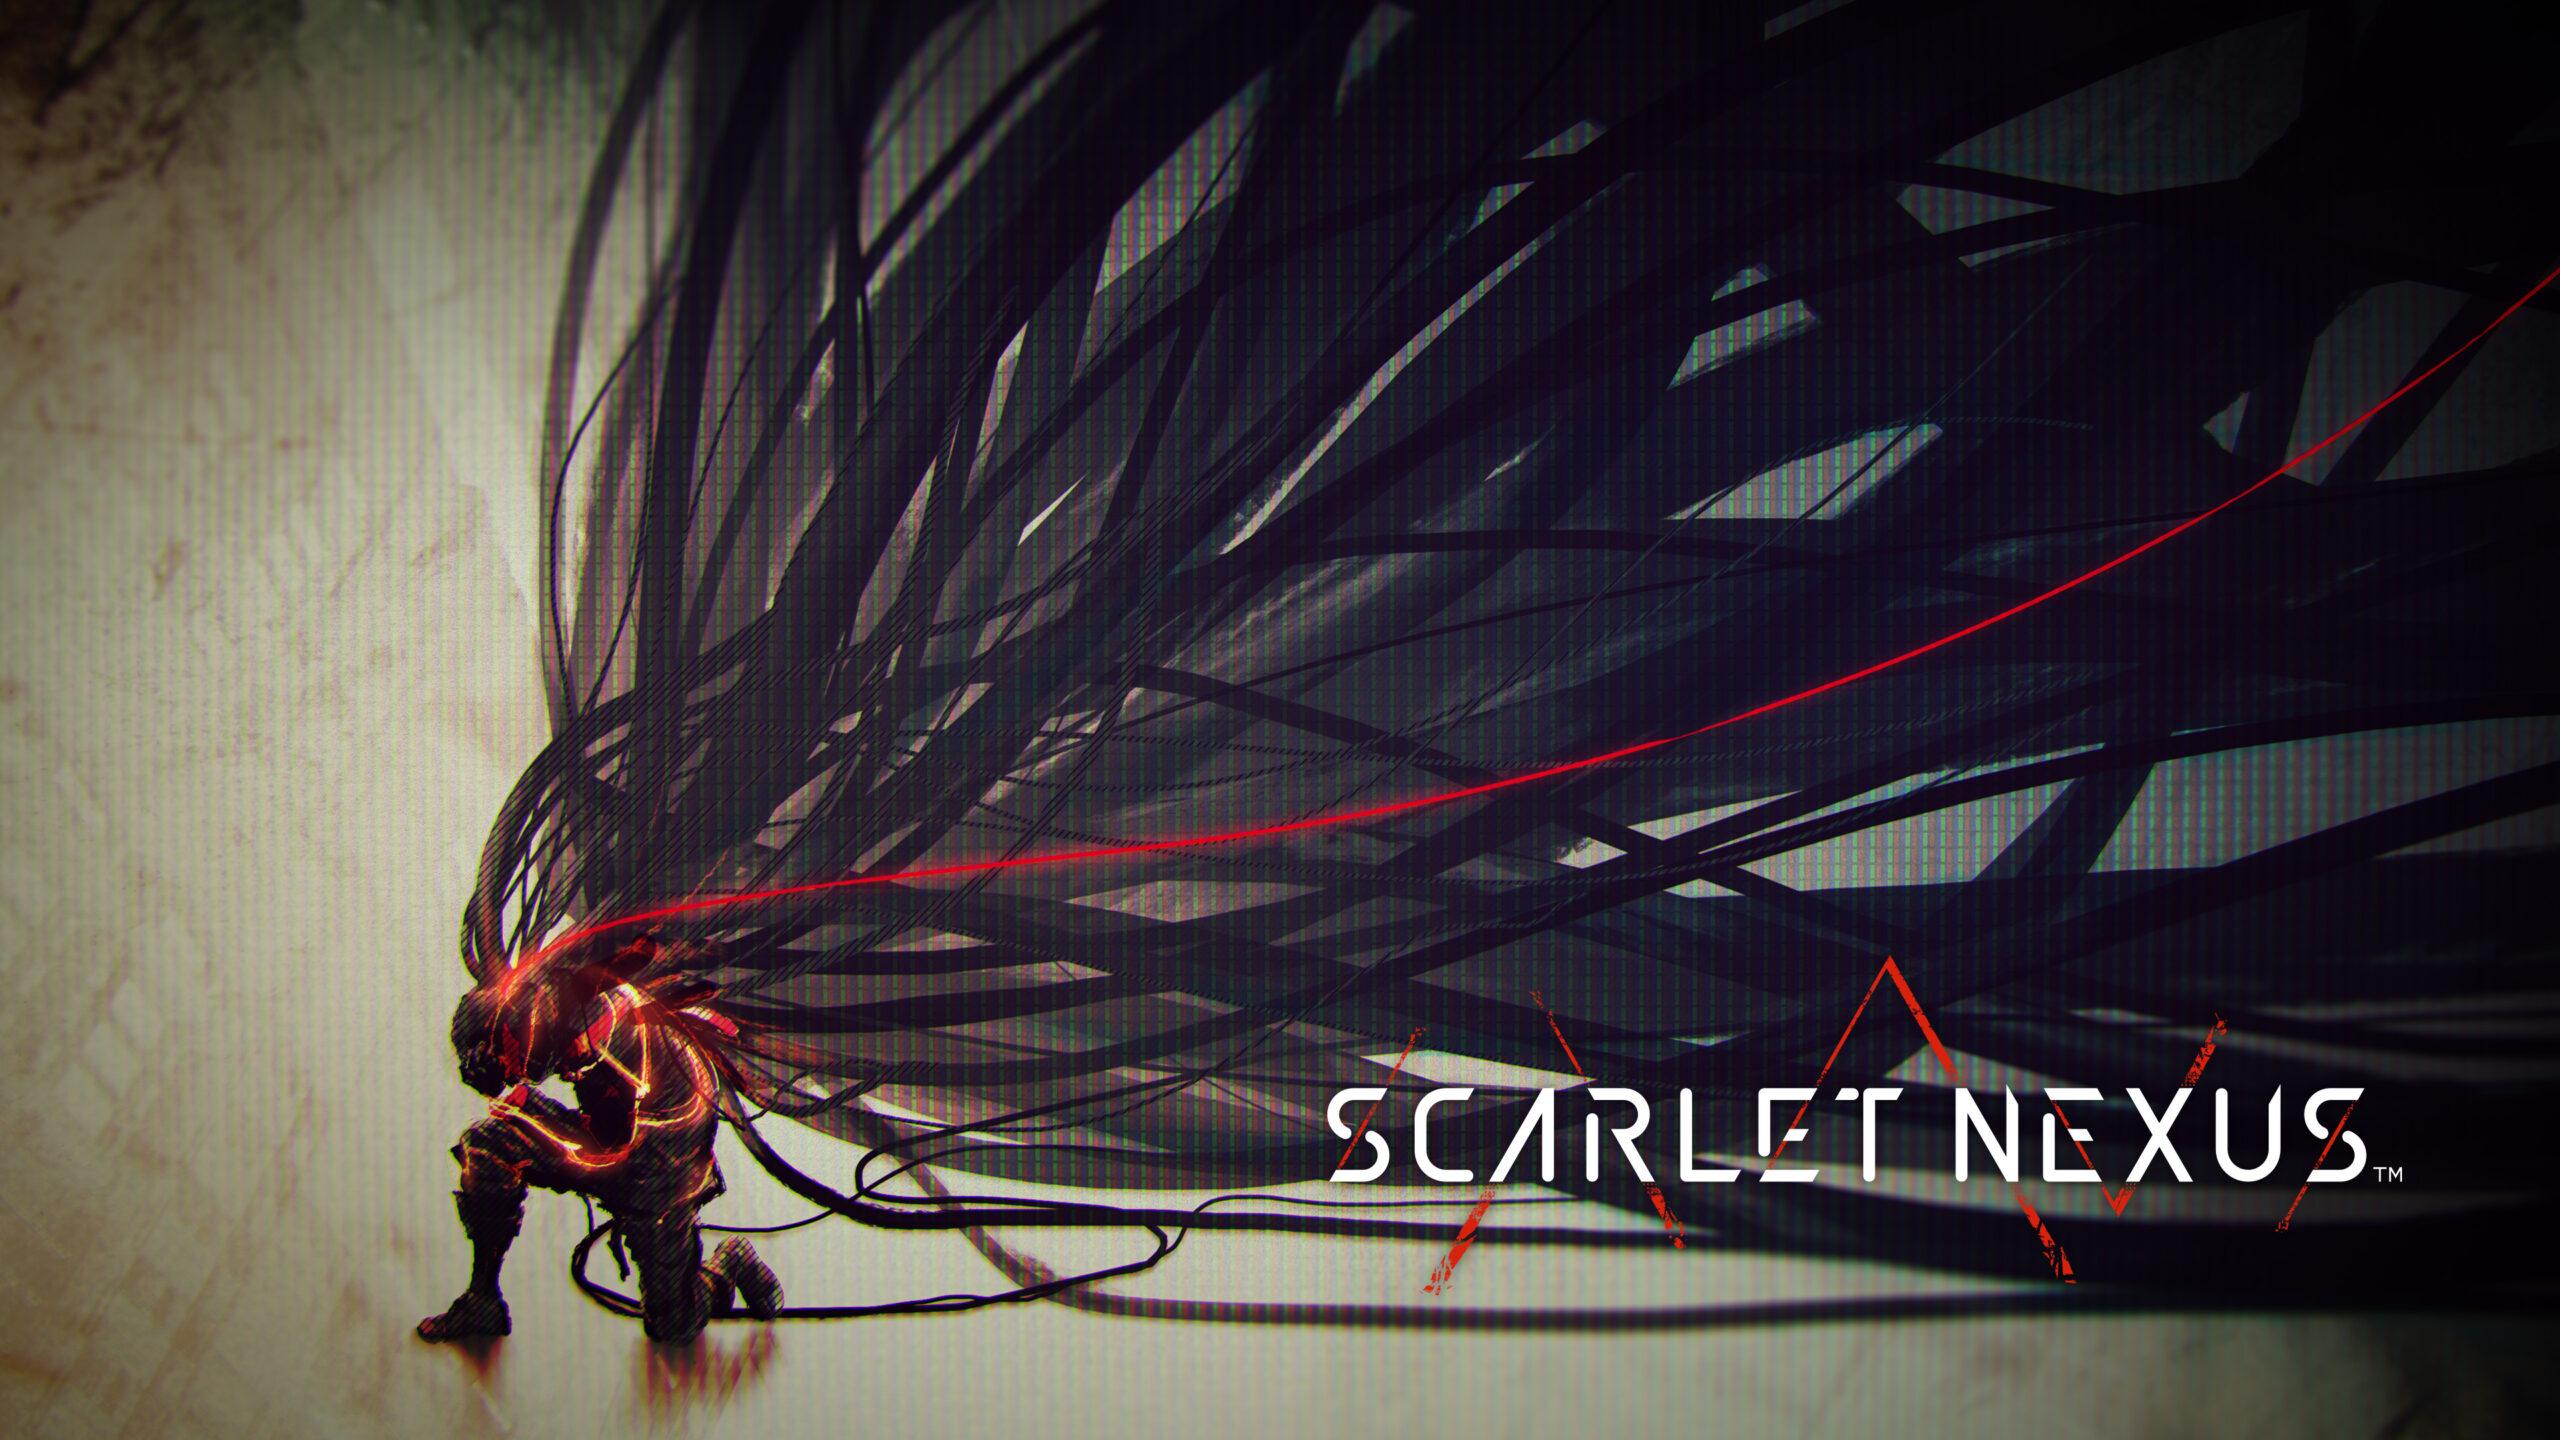 Scarlet Nexus Promo Image